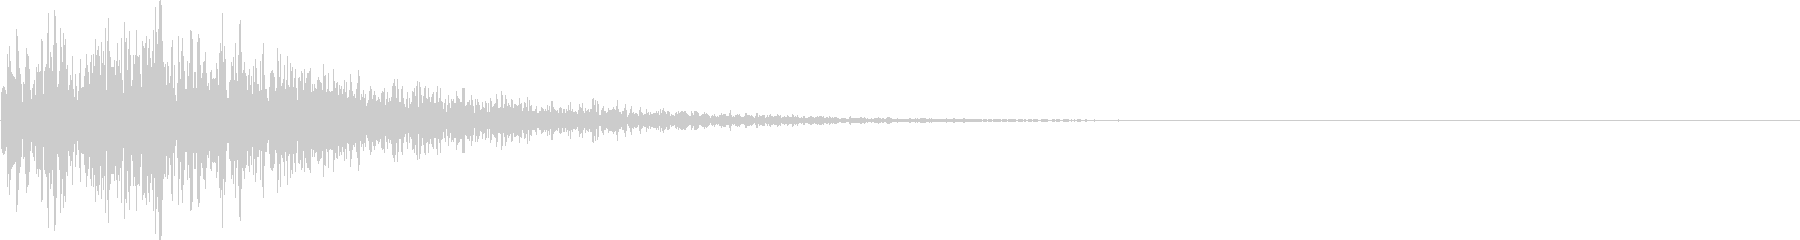 ブワブワ(ダメージ・闇属性魔法攻撃)の未再生の波形